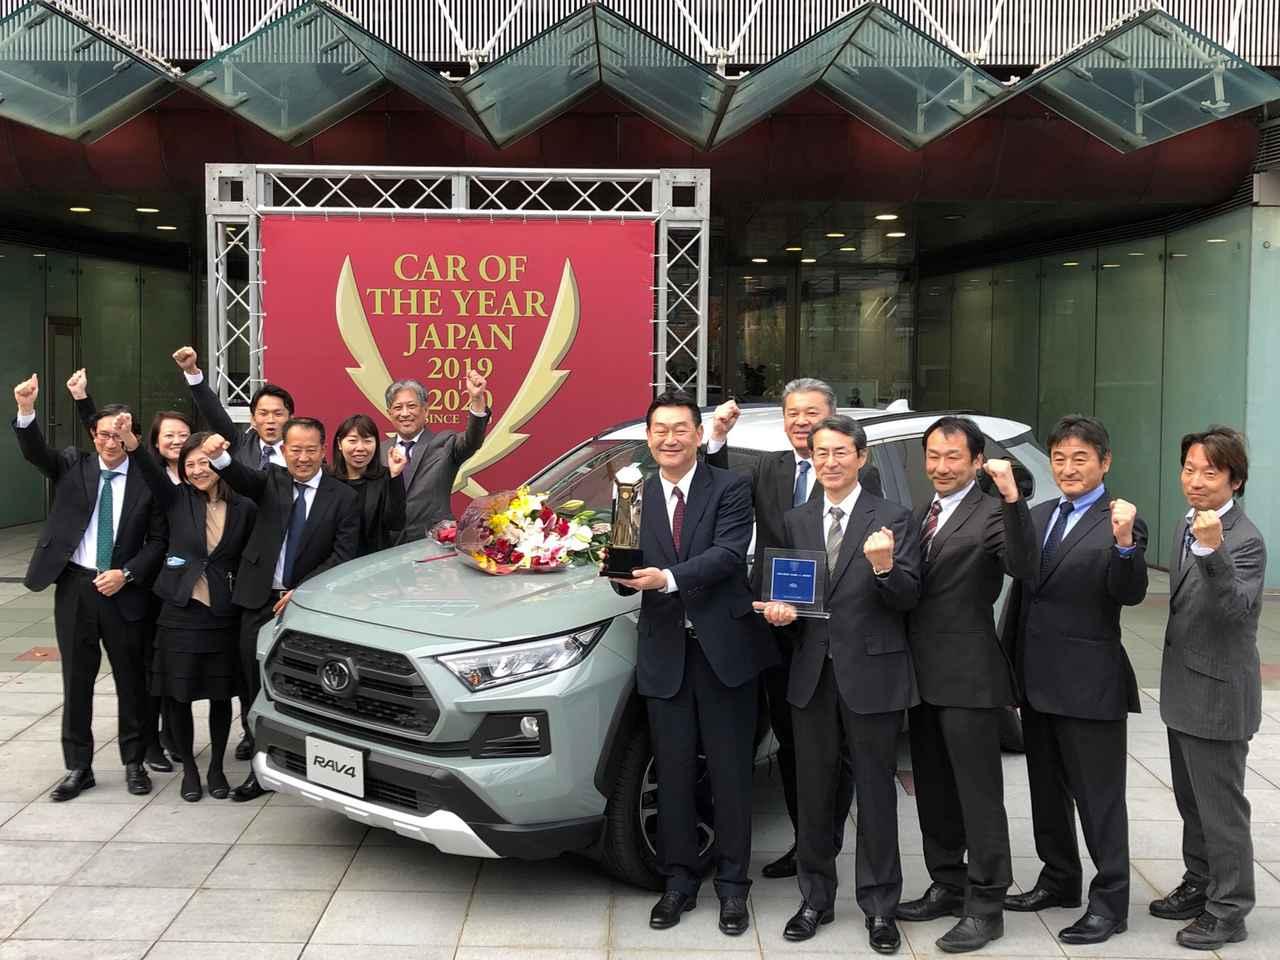 「2019-2020 日本カー・オブ・ザ・イヤー」をトヨタ RAV4が獲得。トヨタ車は10年振りで通算10回目